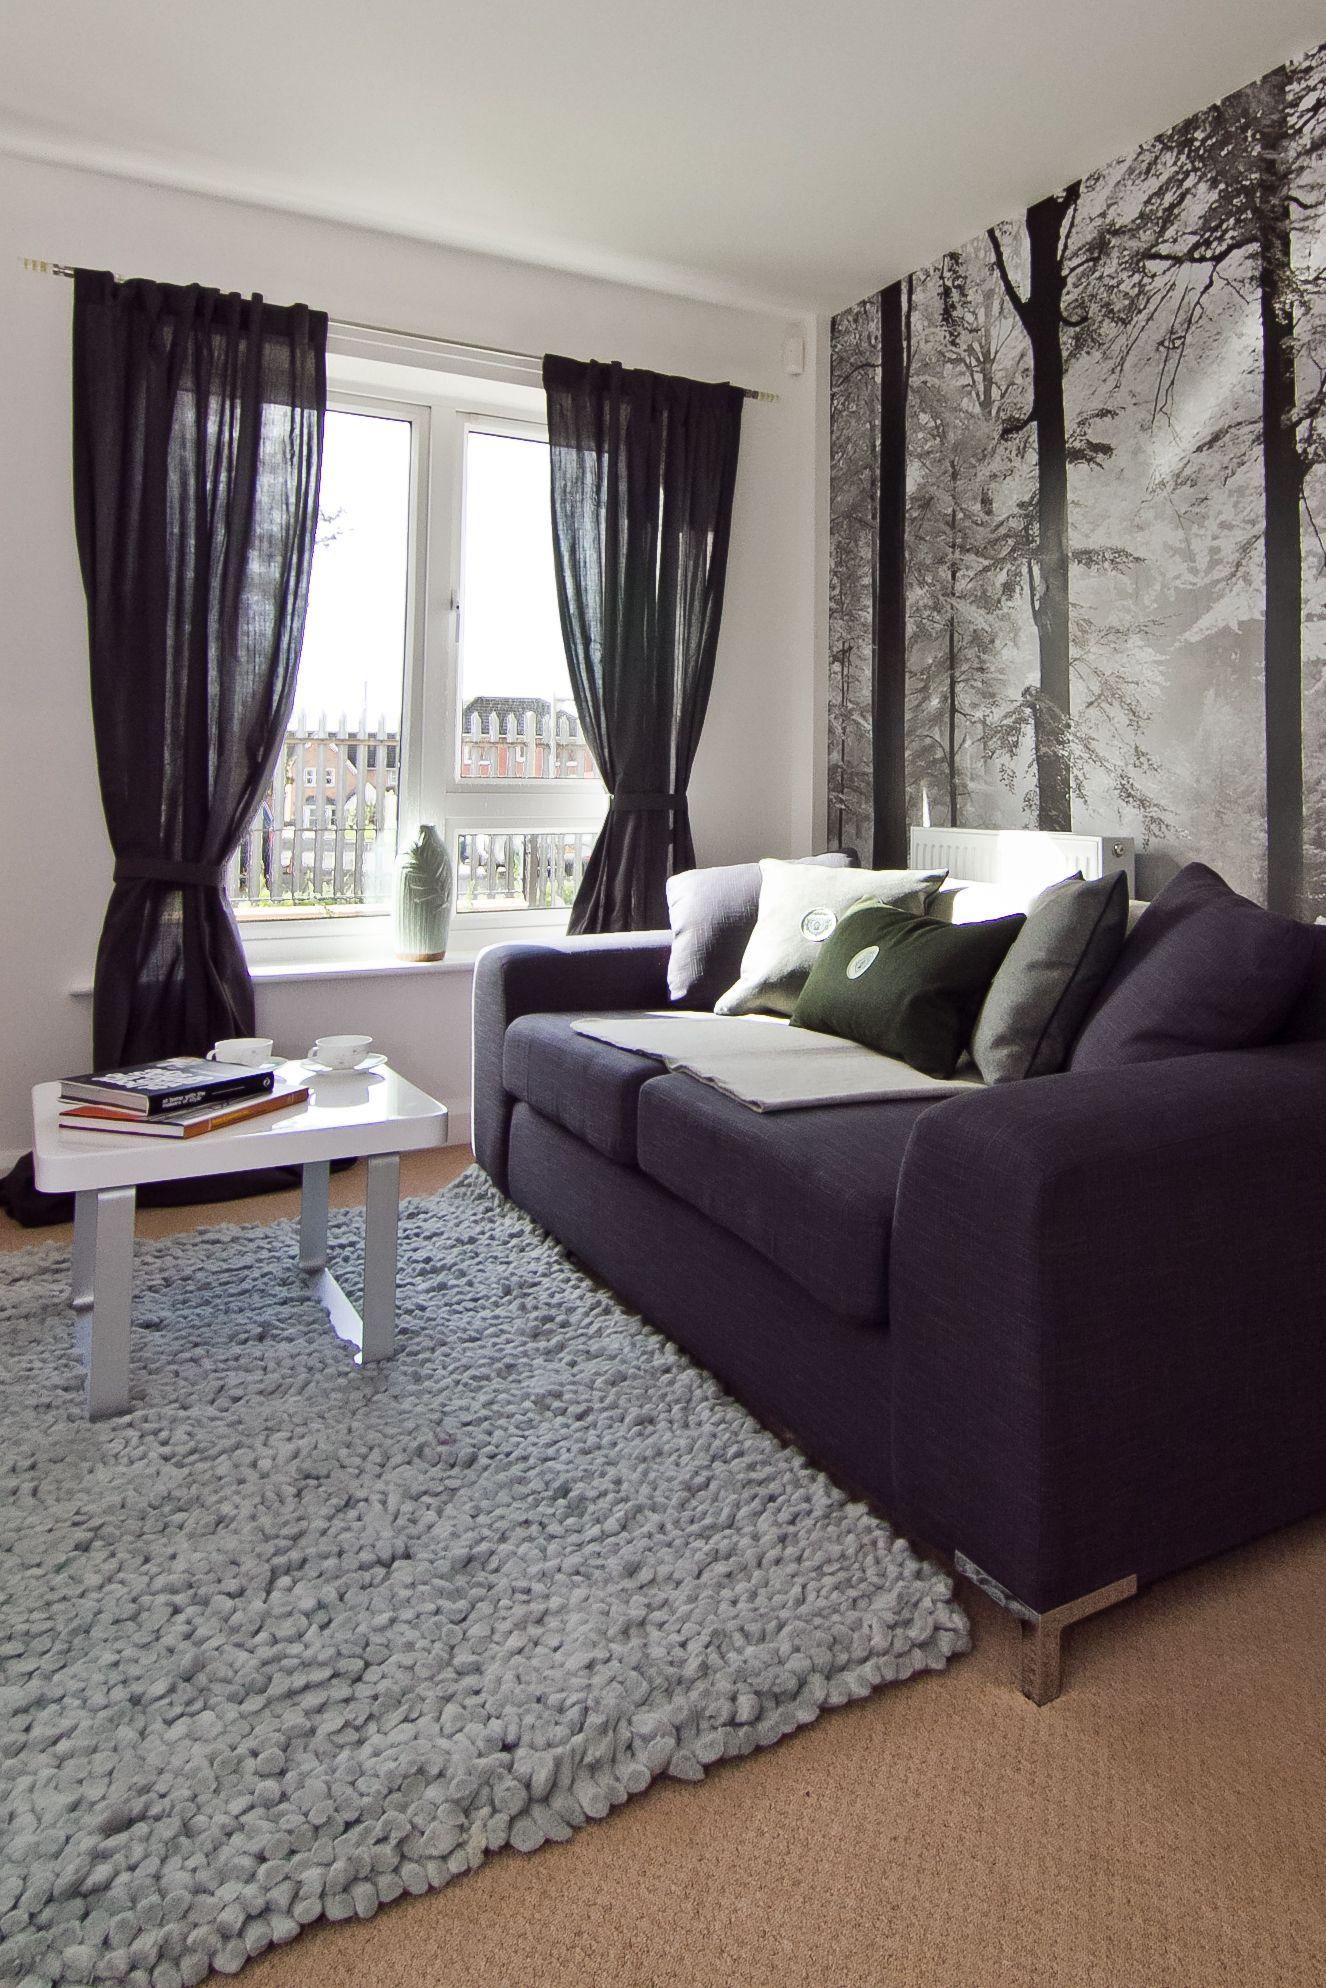 Schillernde Grau Wohnzimmer Interieur Farbschema Design Möglicherweise  Erkannt, Neben Key Phrasen Vor Allem,